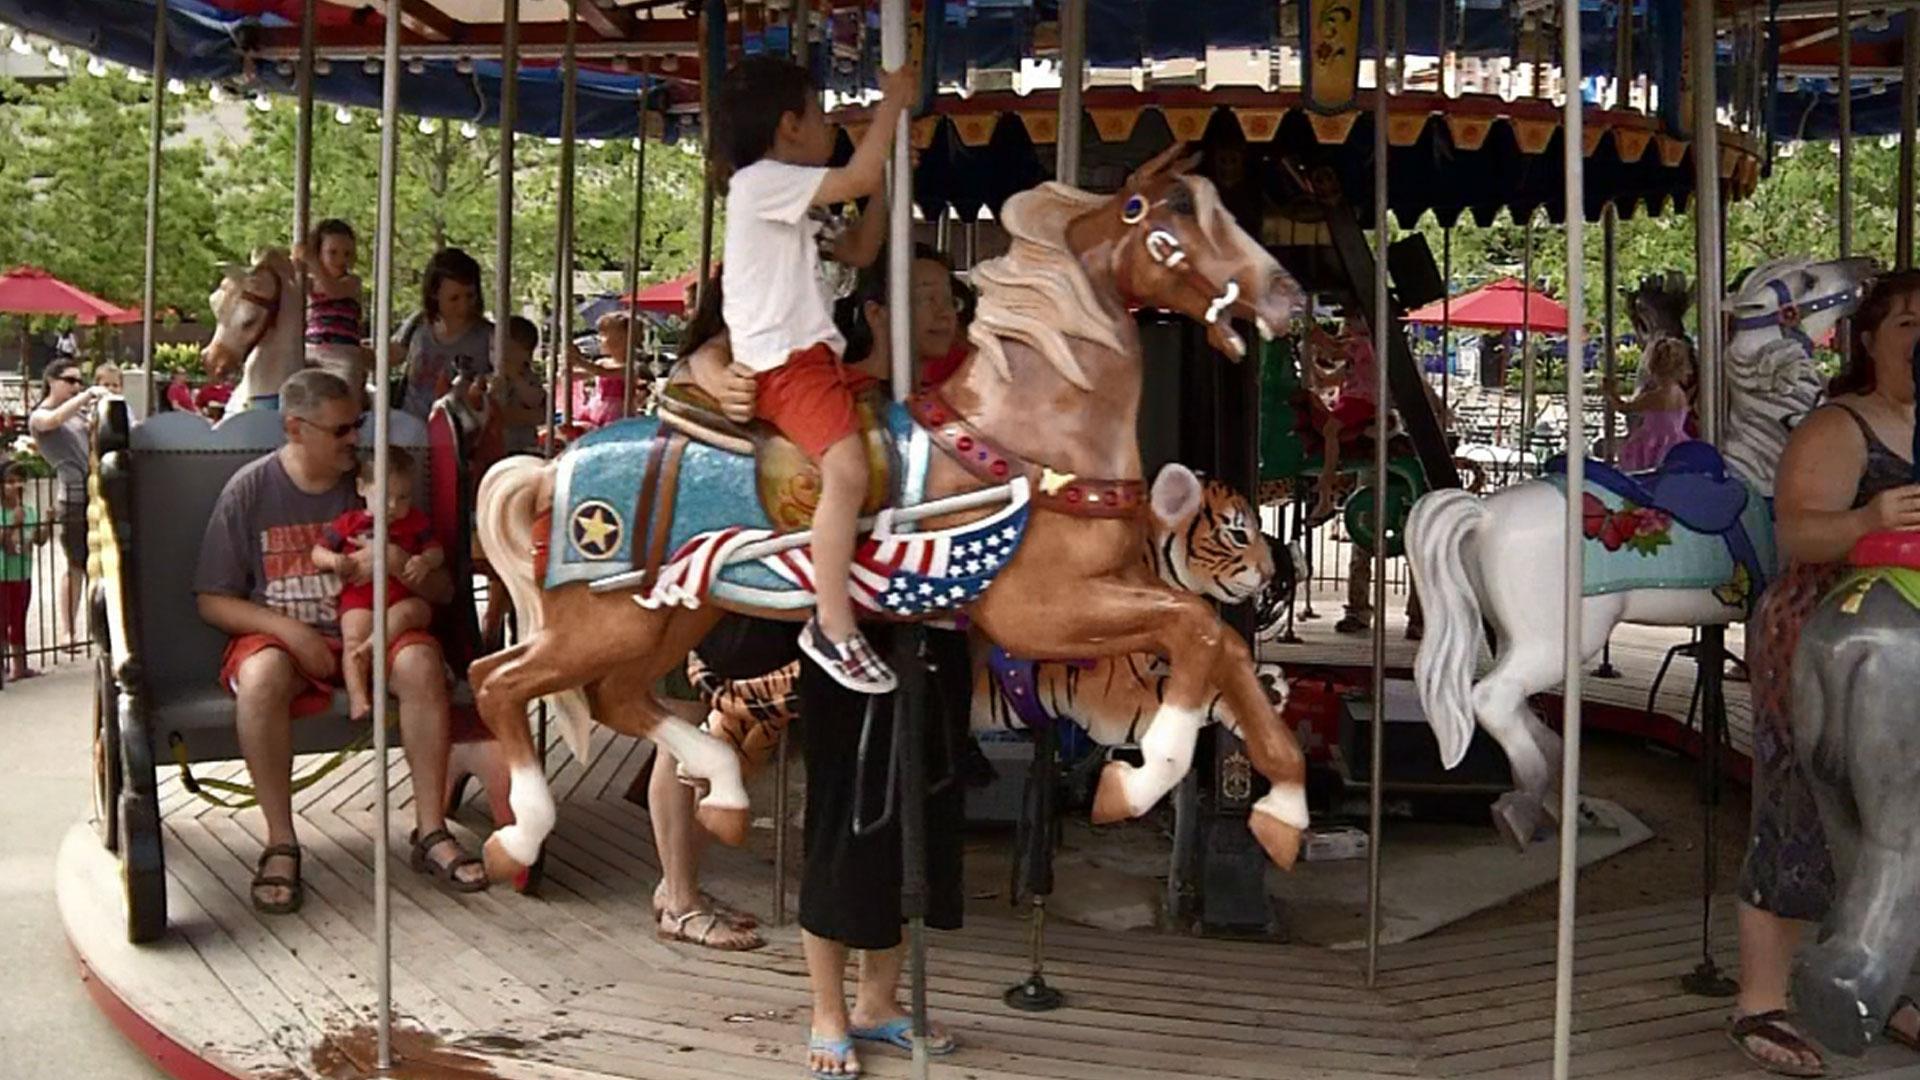 carousel-commons-for-kids_1528233945422.jpg